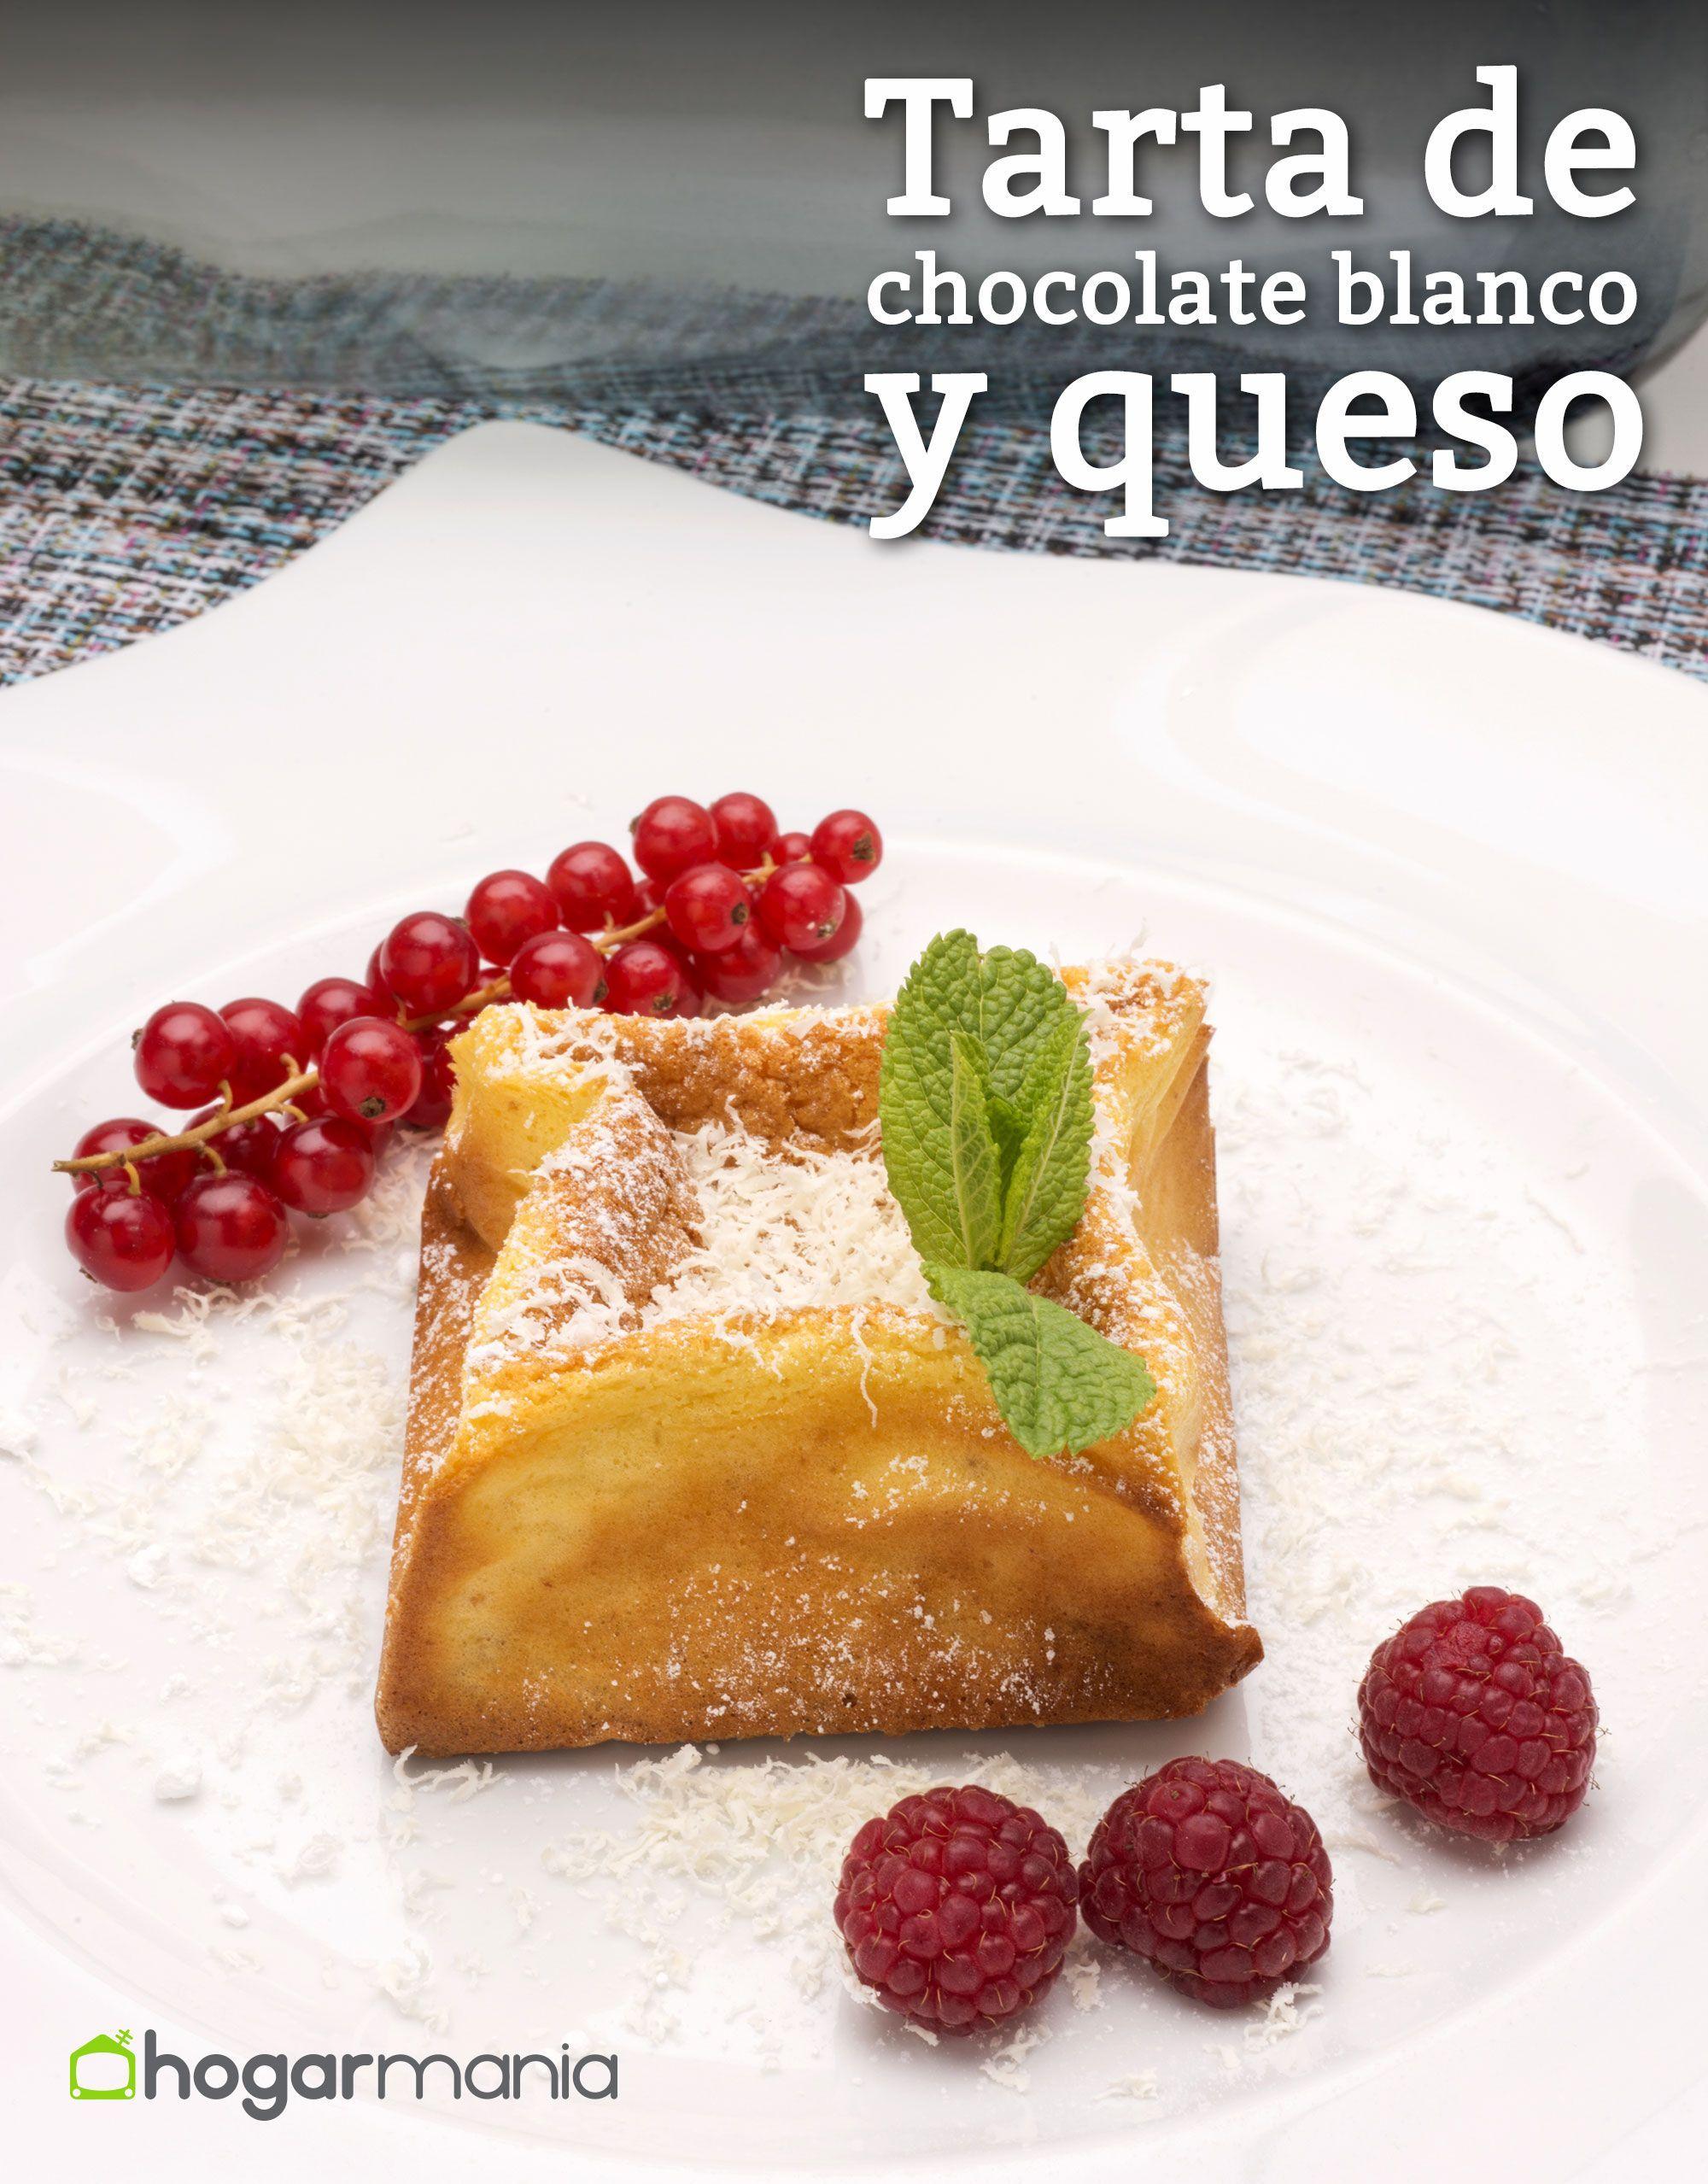 Receta De Tarta De Chocolate Blanco Y Queso Receta Recetas De